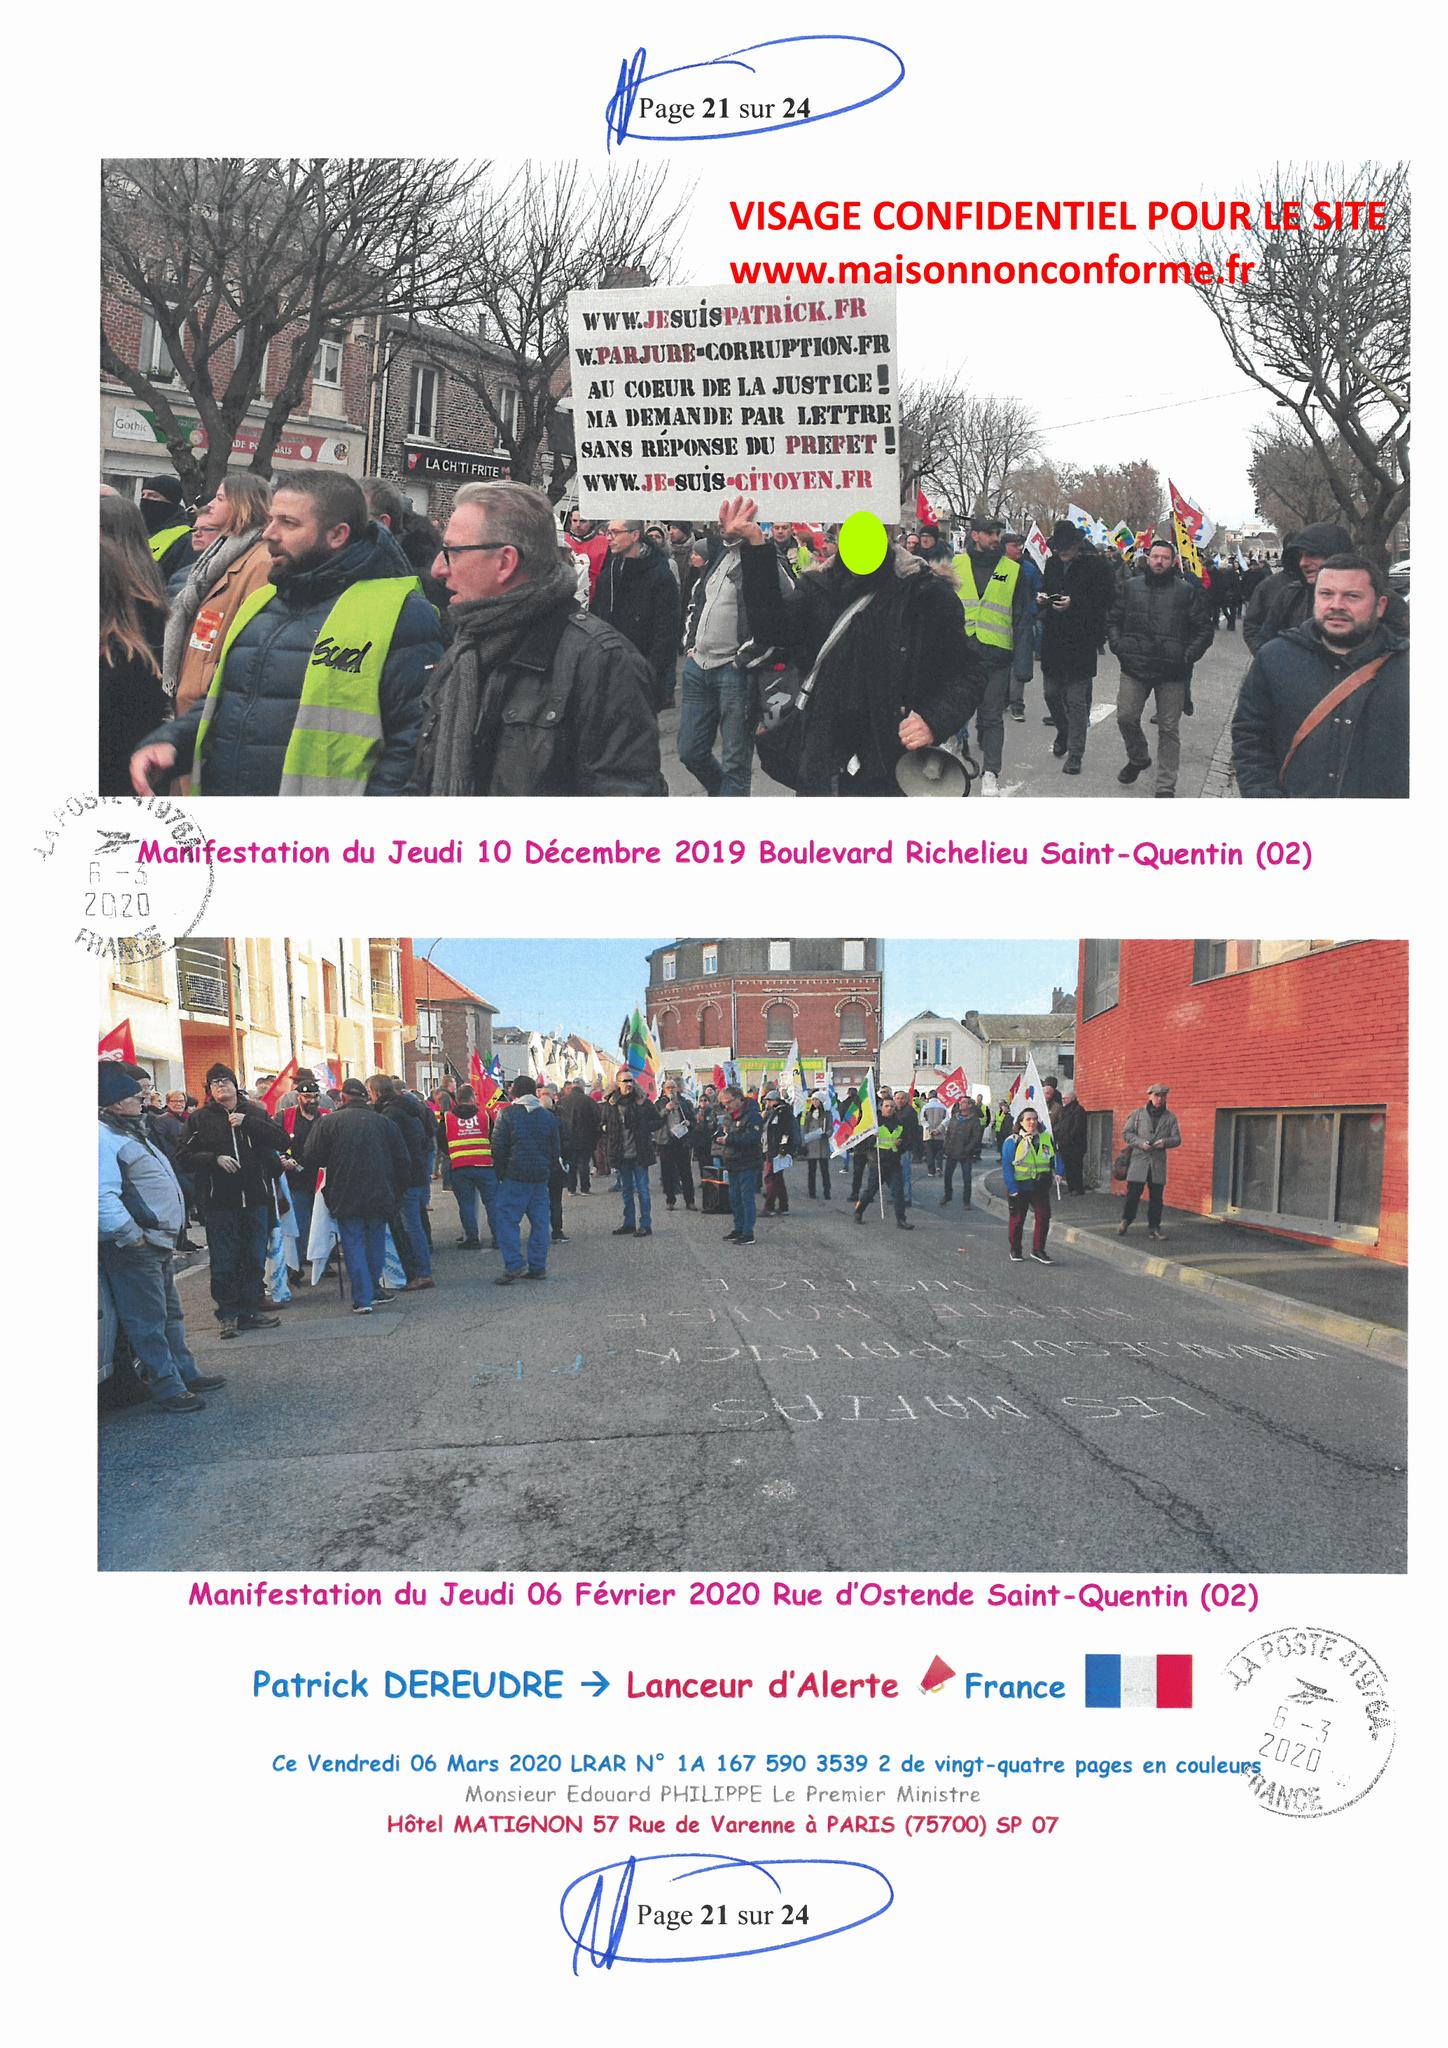 Ma LRAR à Monsieur le  Premier Ministre Edouard PHILIPPE N° 1A 167 590 3539 2 Page 21 sur 24 en Couleur du 06 Mars 2020  www.jesuispatrick.fr www.jesuisvictime.fr www.alerte-rouge-france.fr